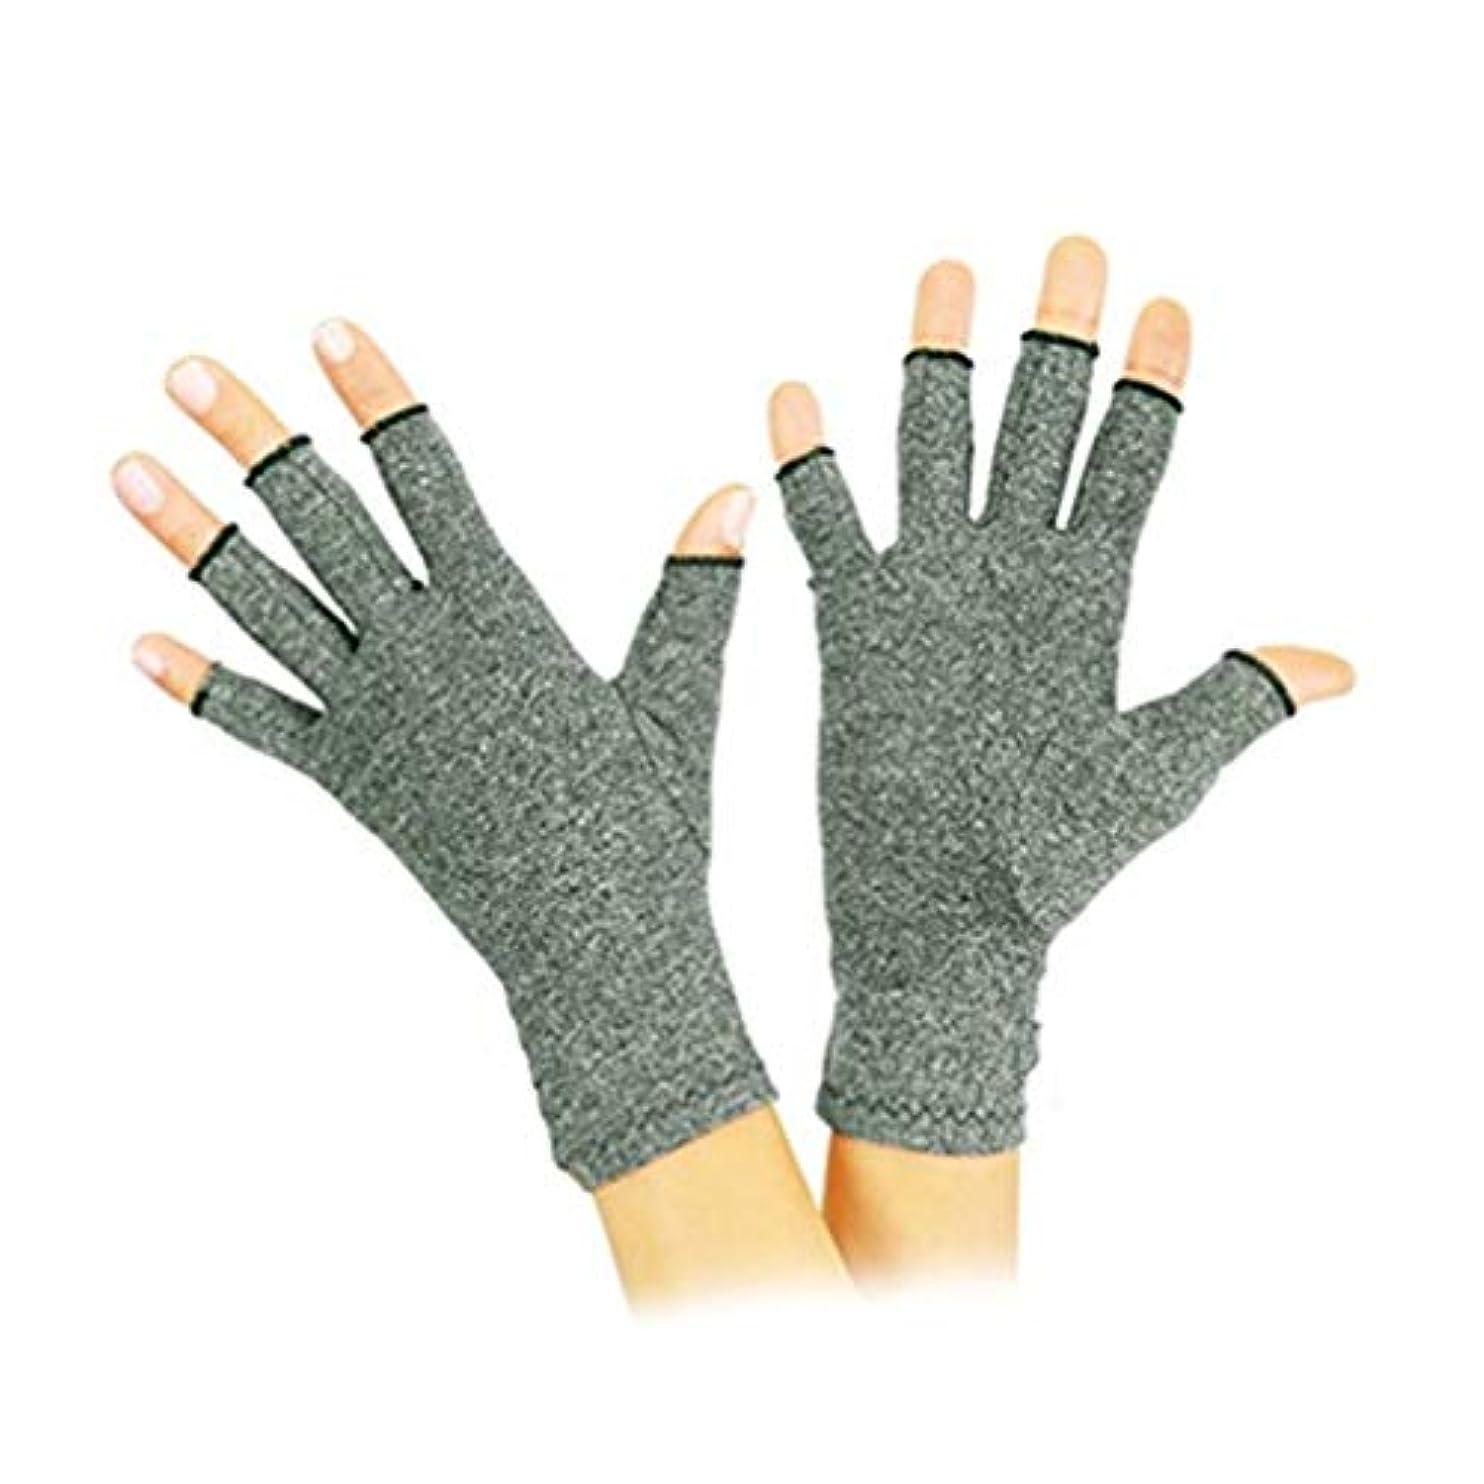 技術ランタンヘア関節リウマチリウマチ性変形性関節症用手袋圧縮手袋コンピュータ入力用痛み緩和